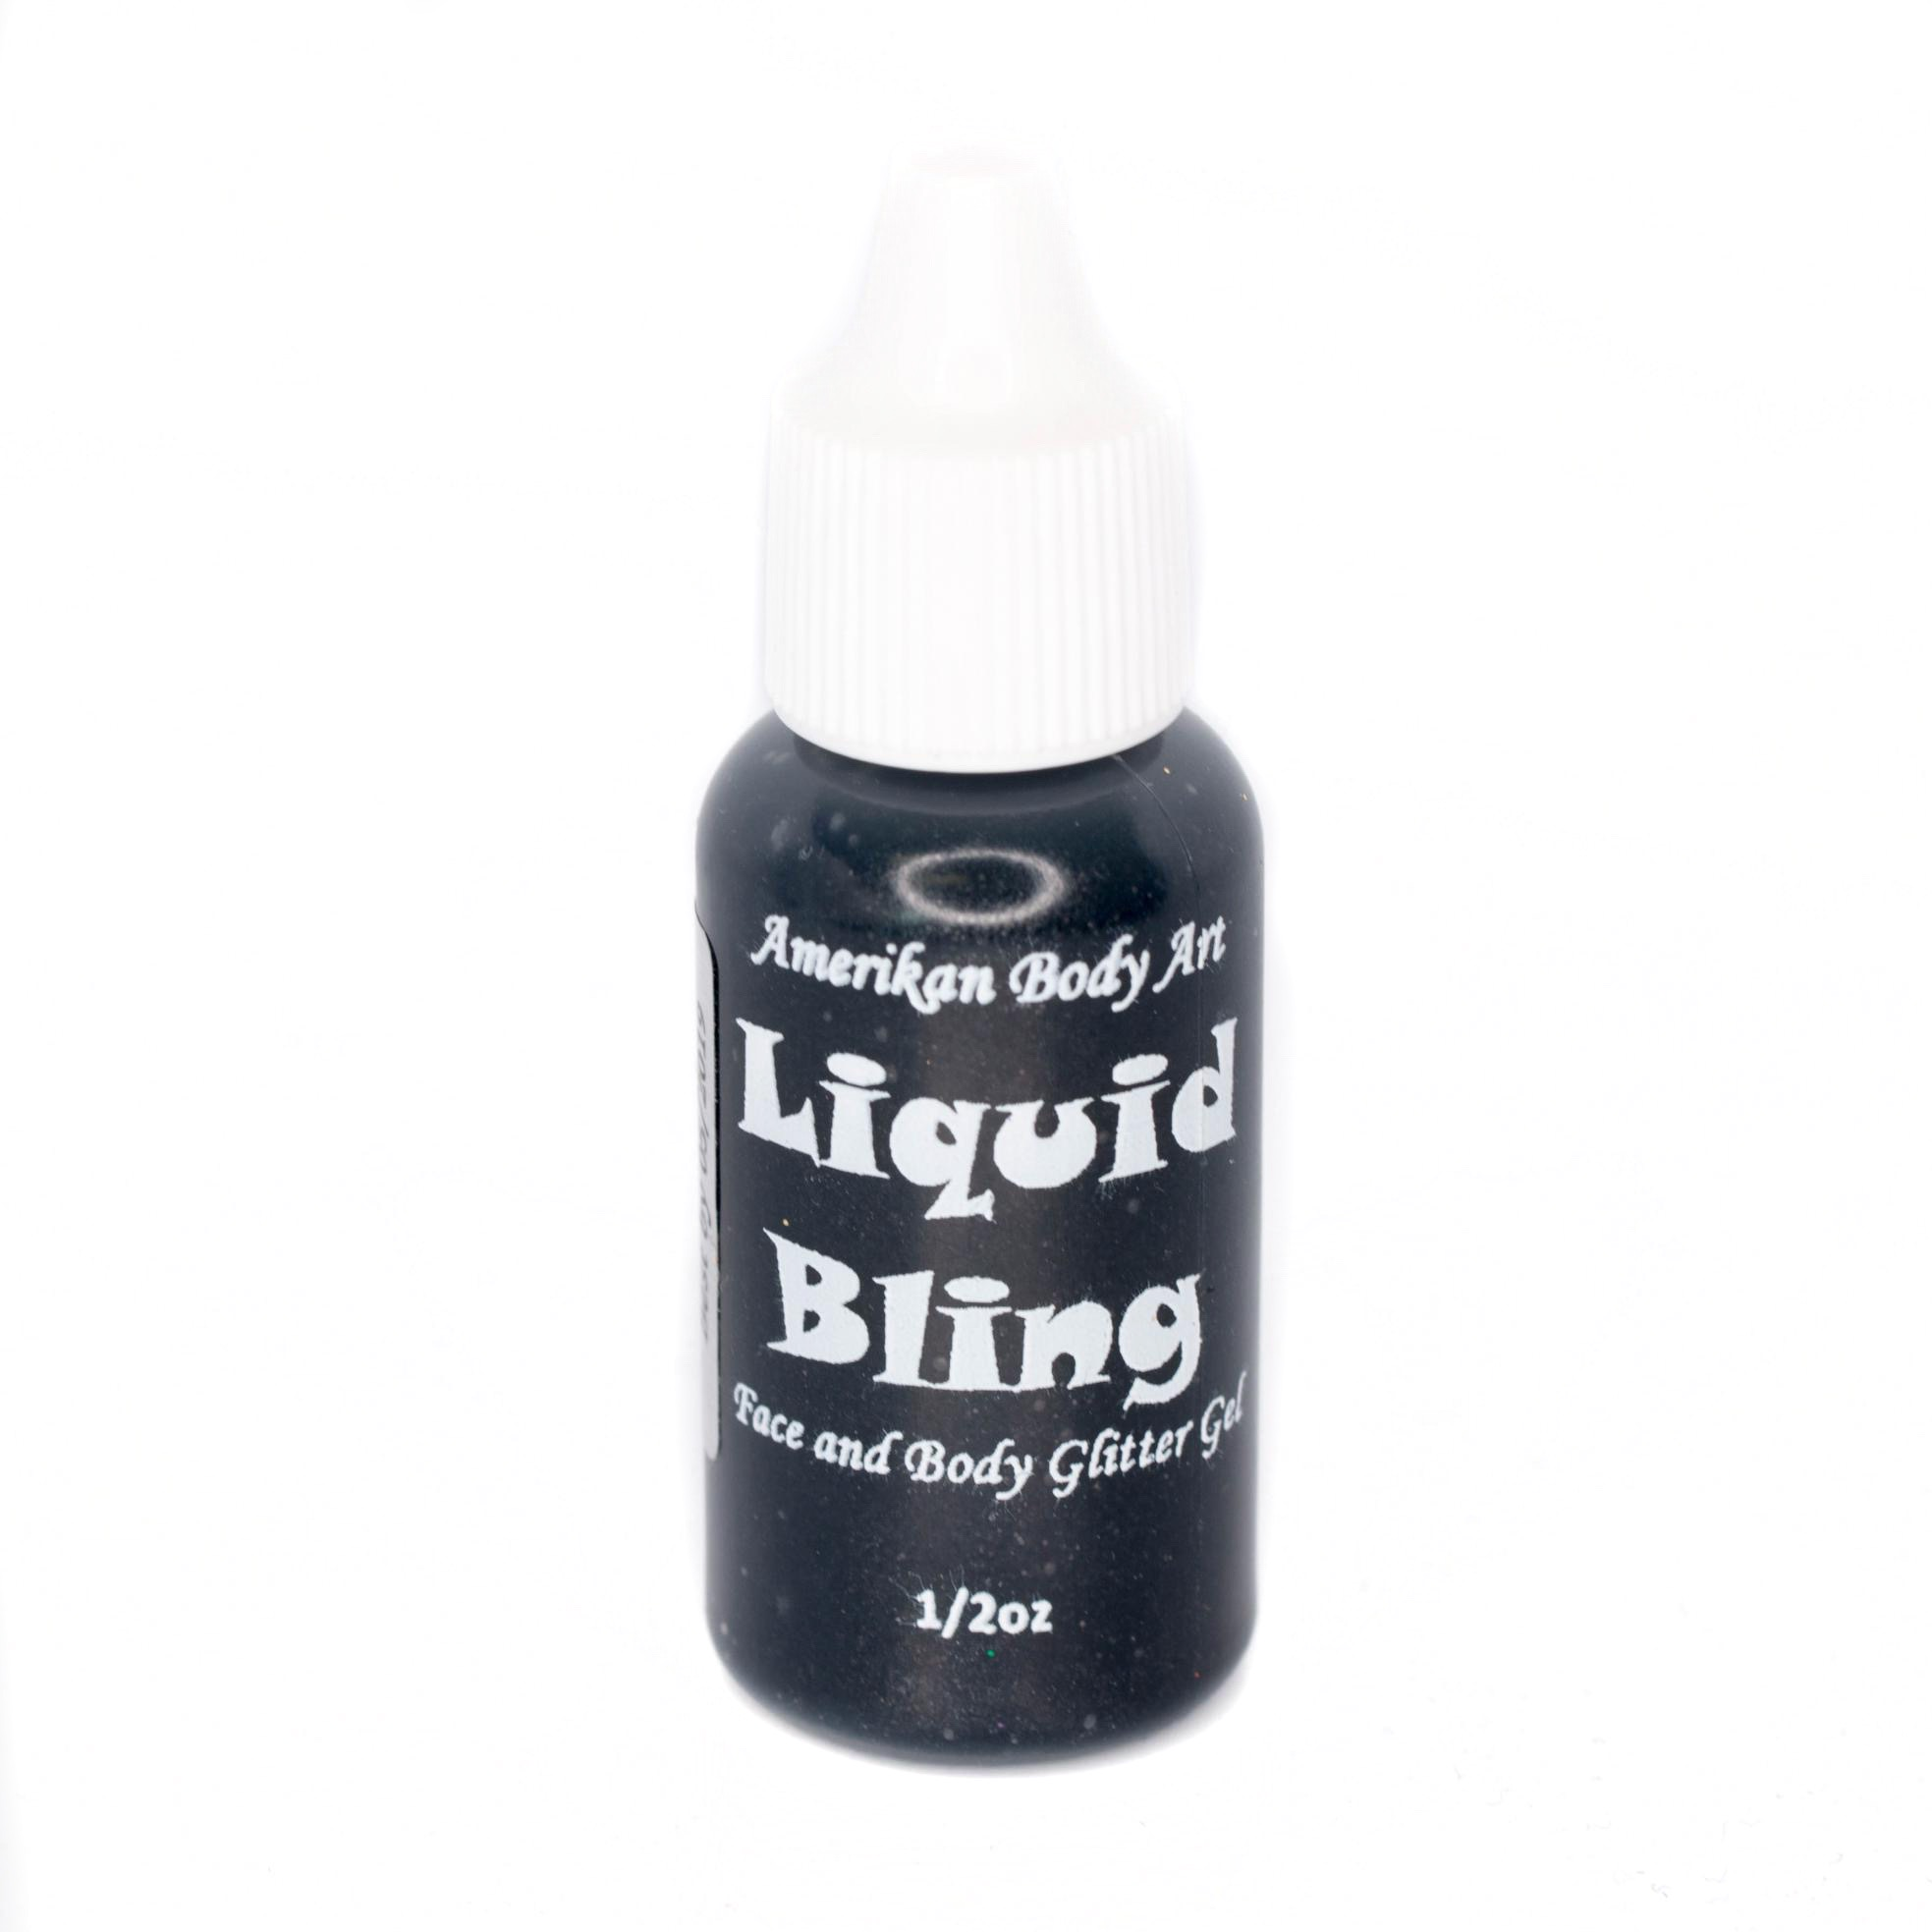 Jet Black Liquid Bling 1/2oz